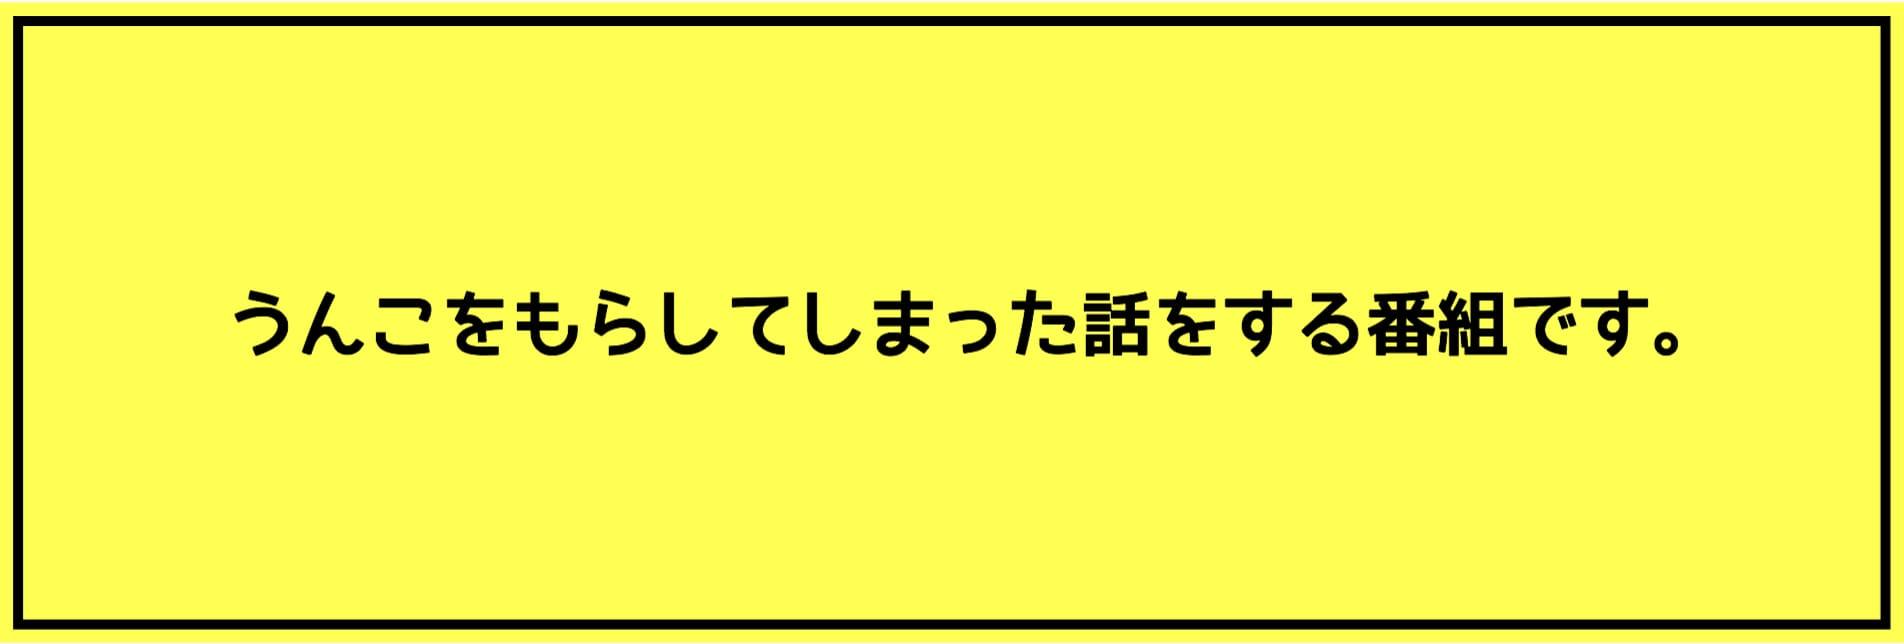 赤マムシ男爵プロデュース番組